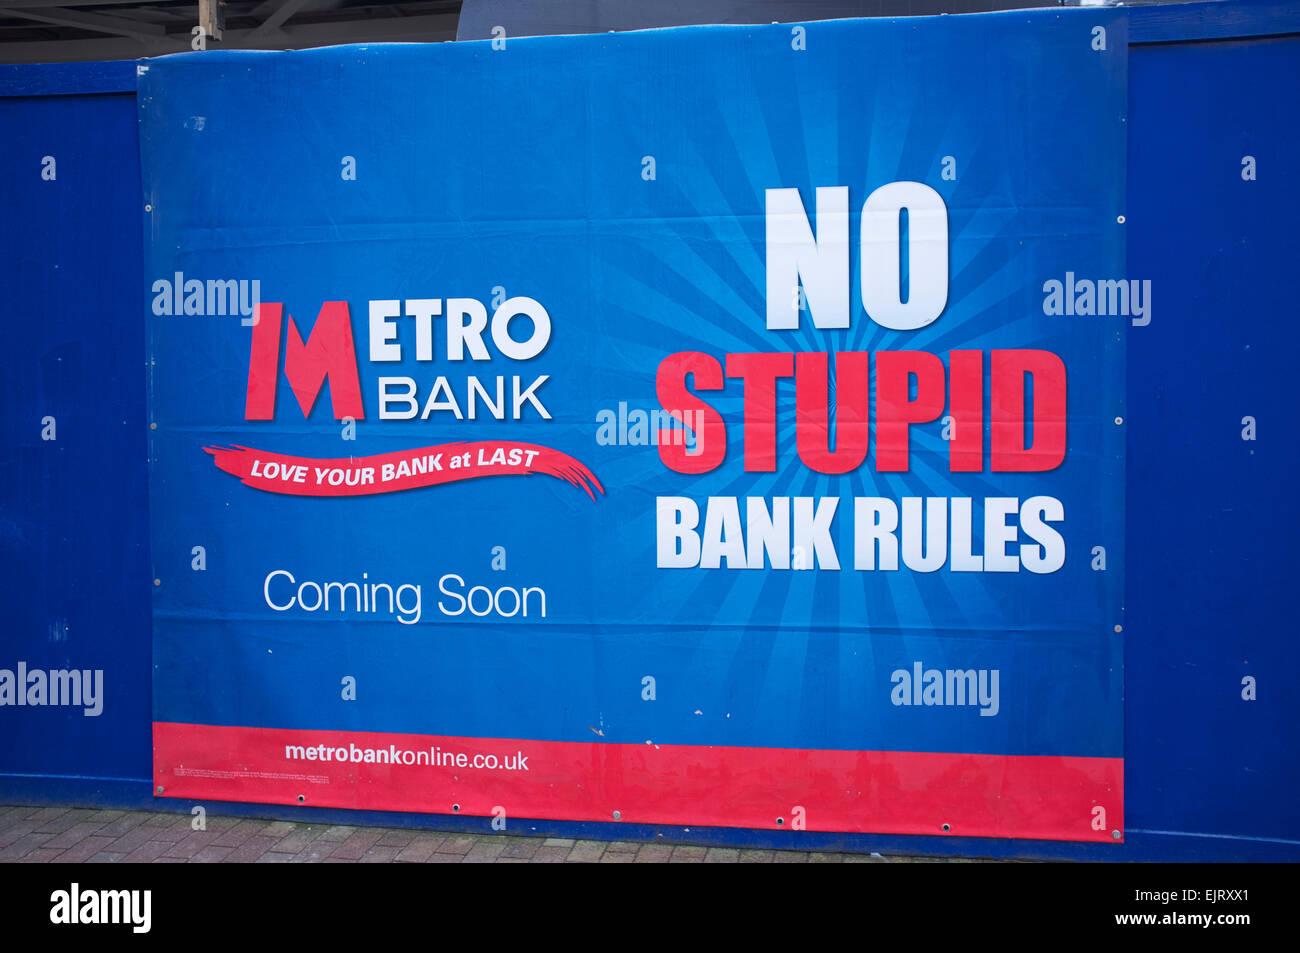 Nuevo Metro apertura de banco en Tunbridge Wells. No estúpido las normas del banco Imagen De Stock